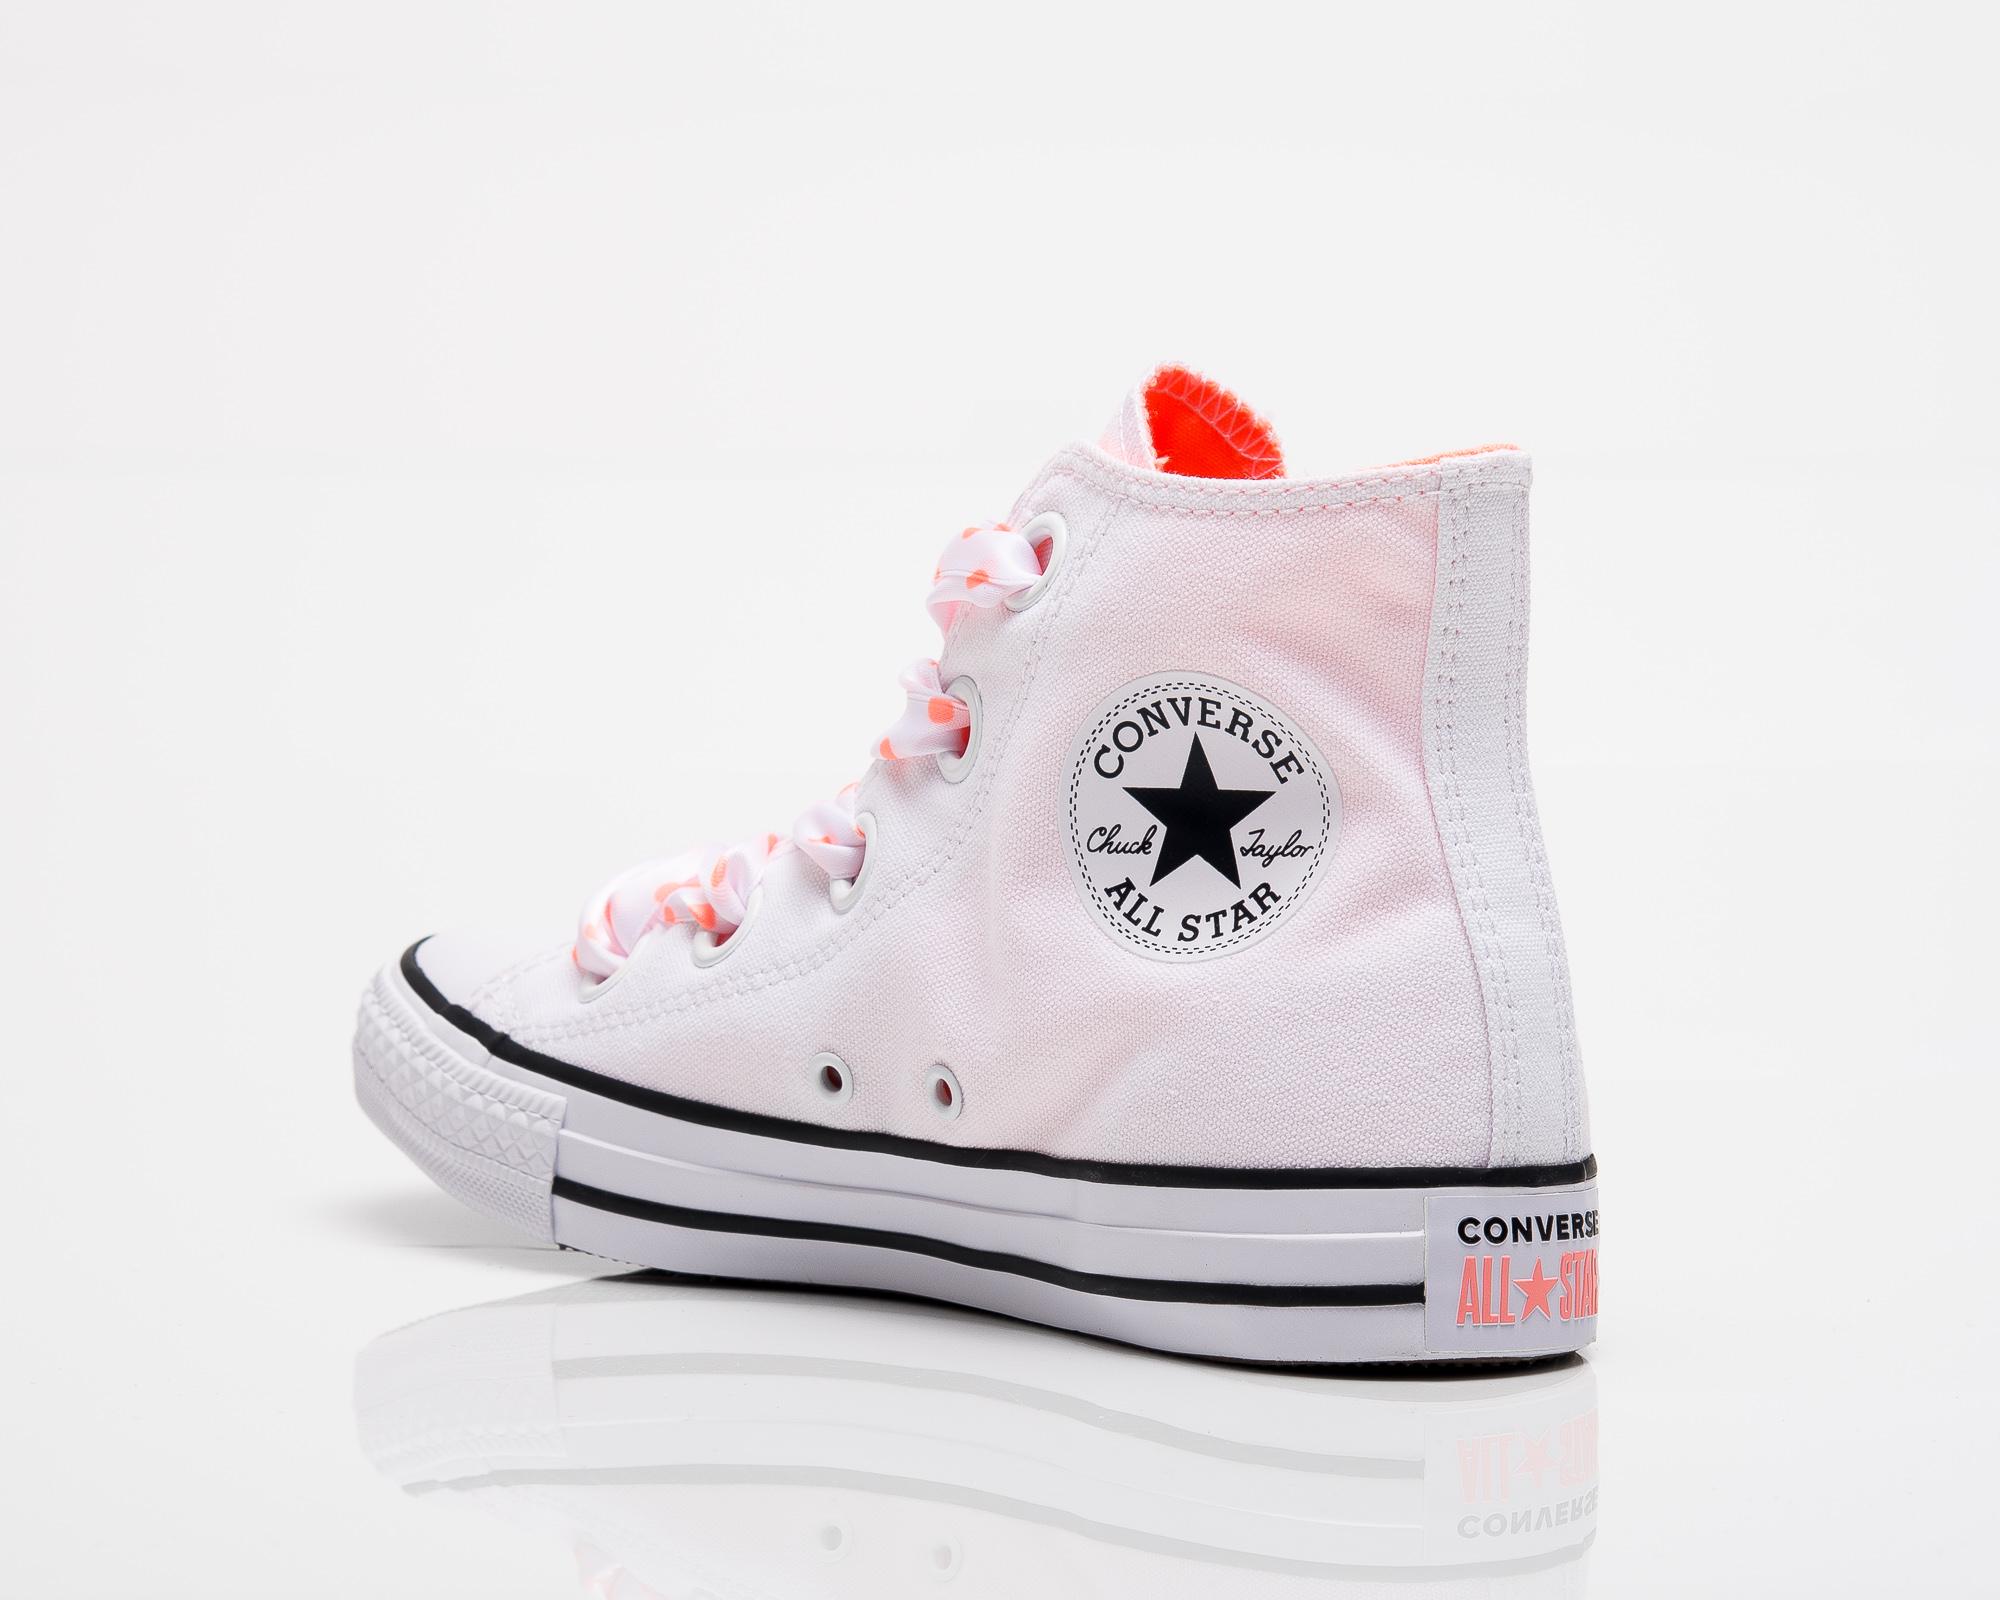 b8da7c9d1132 Converse All Star Chuck Taylor Big Eyelets Hi - Shoes Casual ...